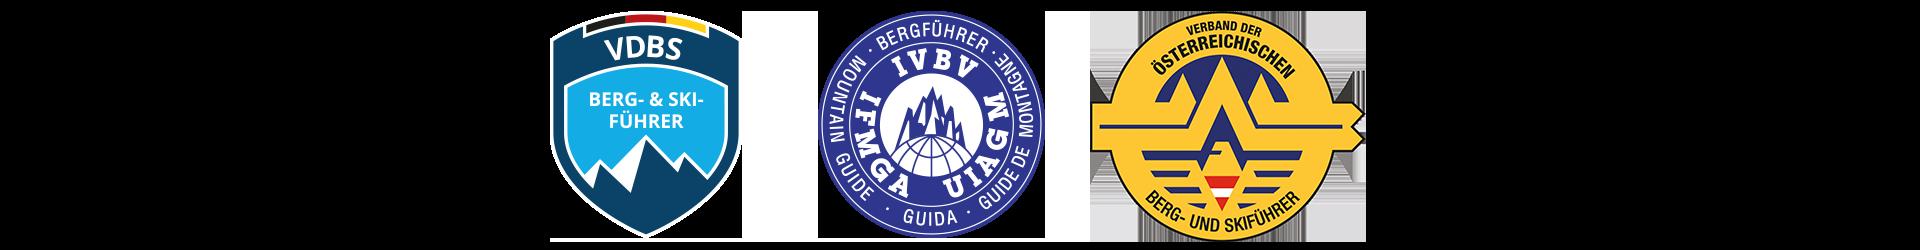 Logo Leiste Bergführer